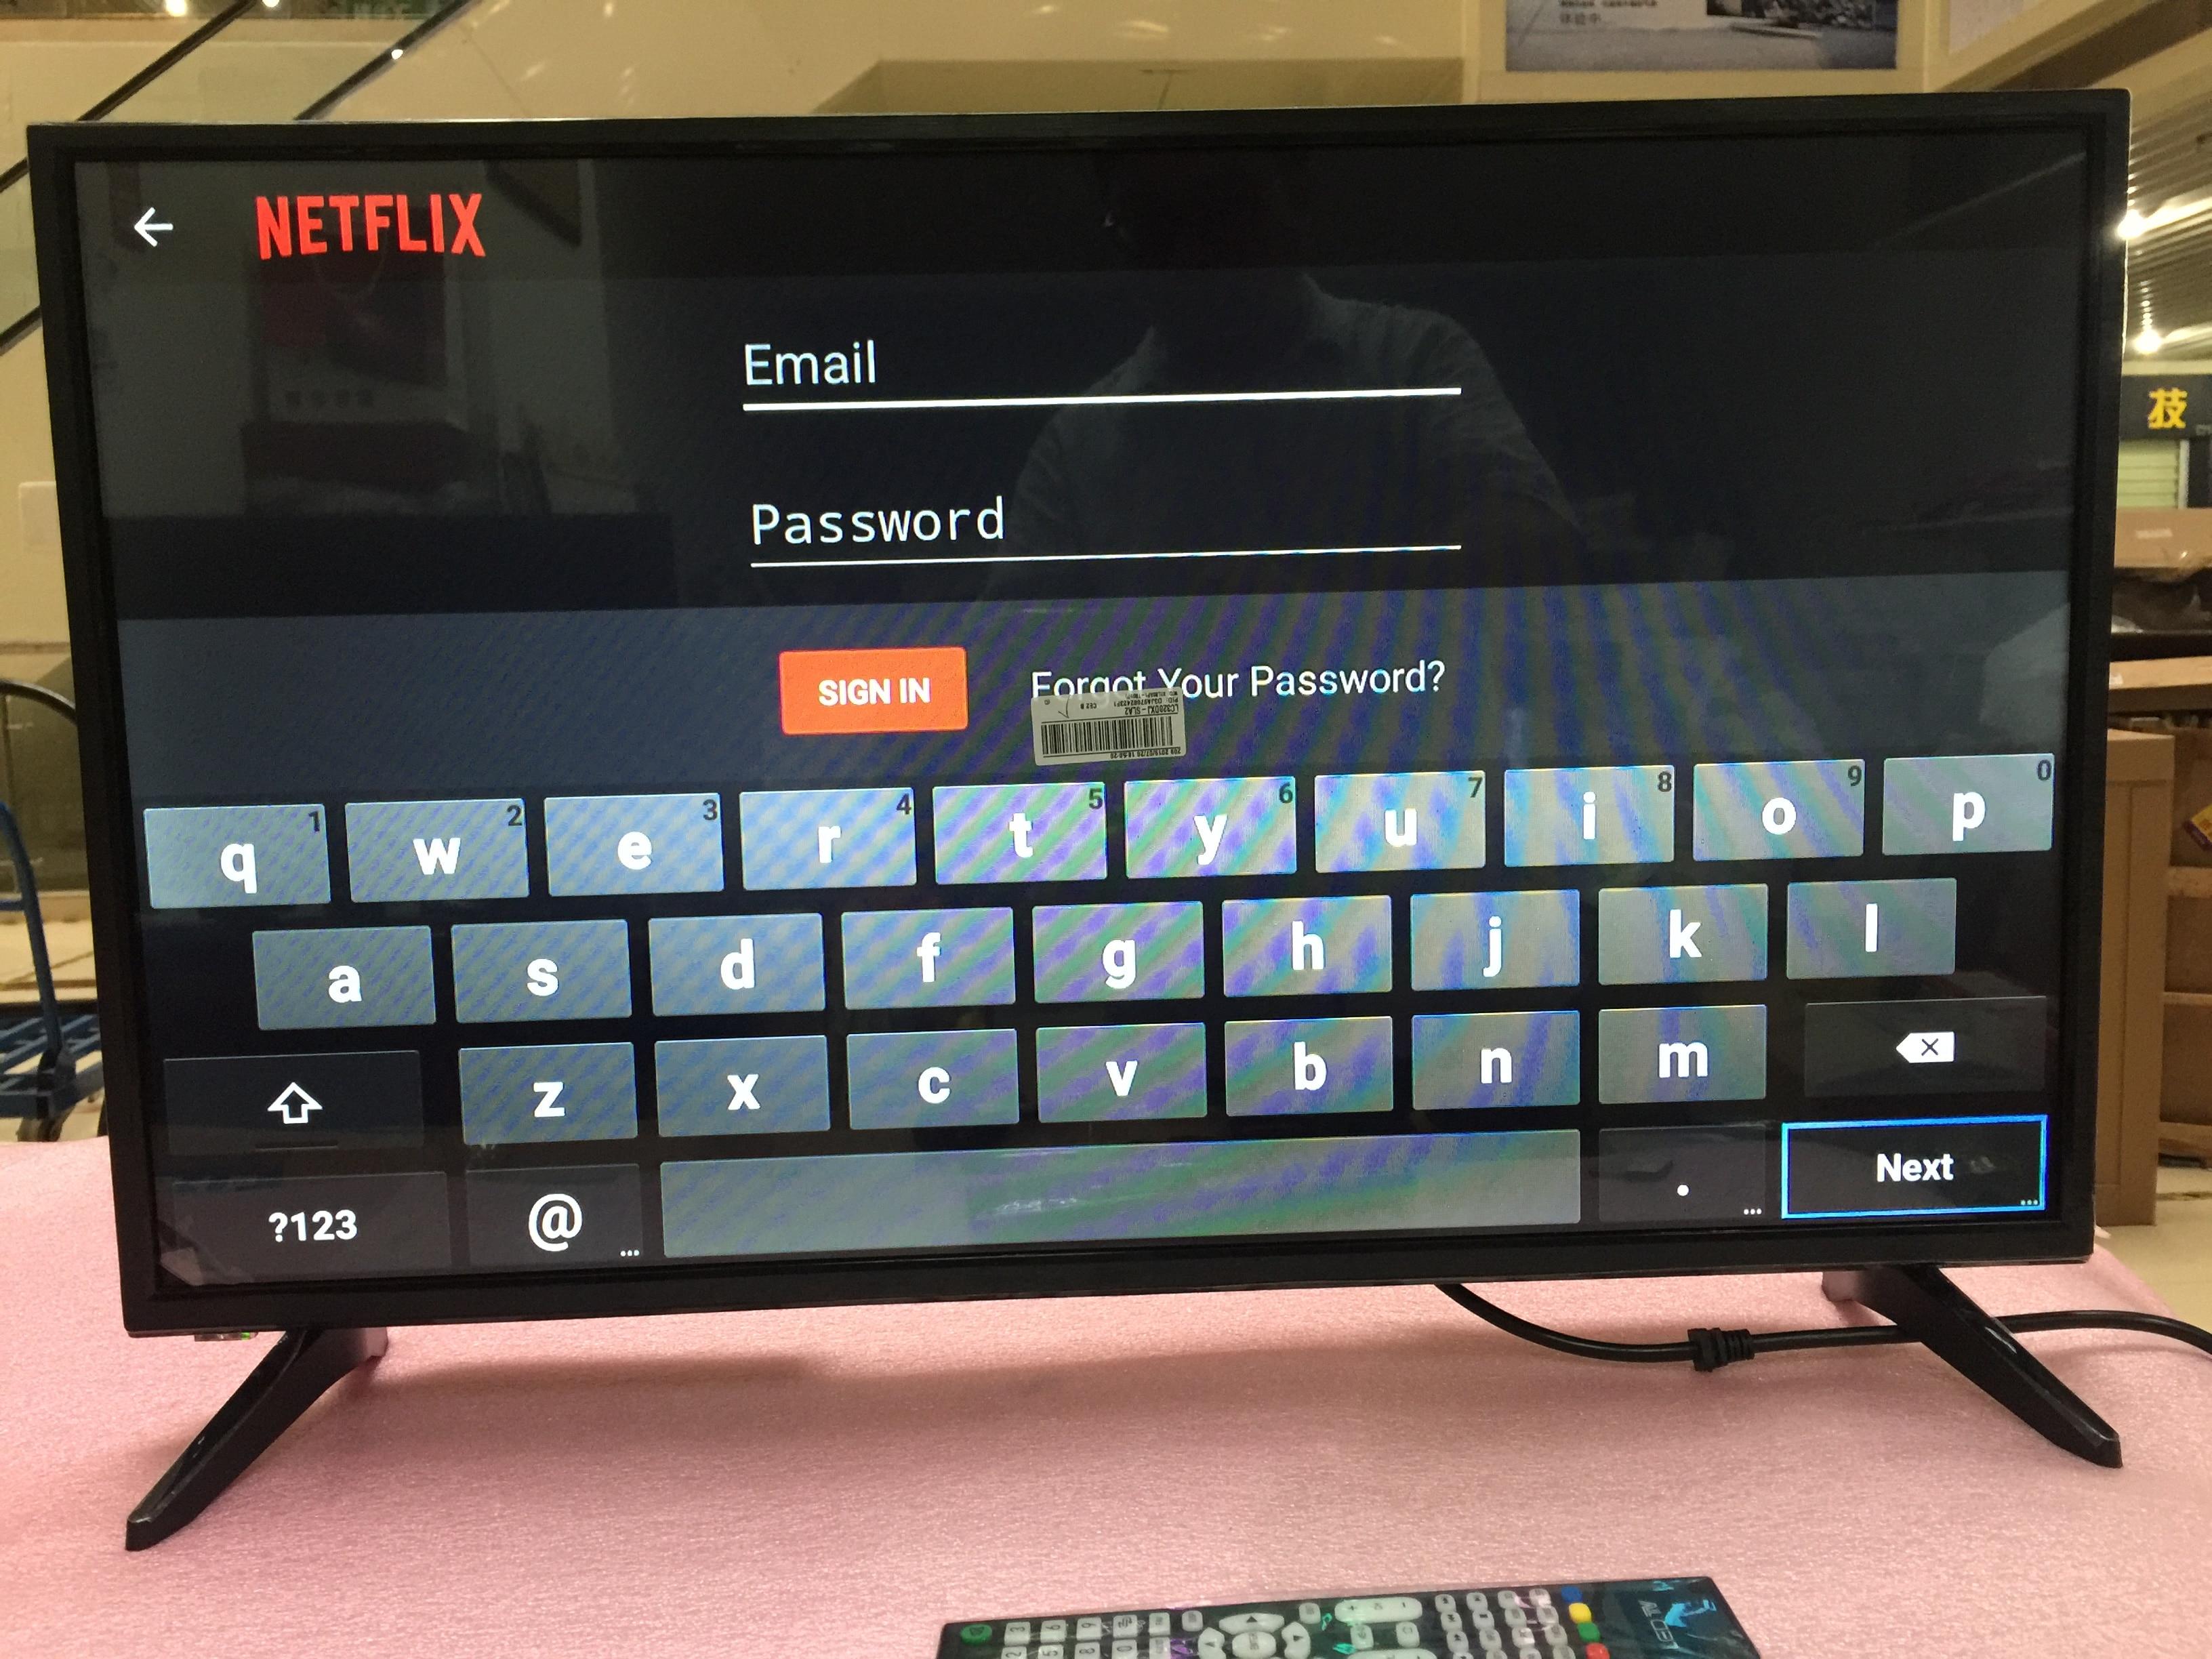 32 дюйма с разрешением FULL HD монитор 1920*1080p+ Wifi Смарт Android 7.1.1 оперативная память 1 ГБ Встроенная память 4 Гб интернет светодиодный телевидения ТВ